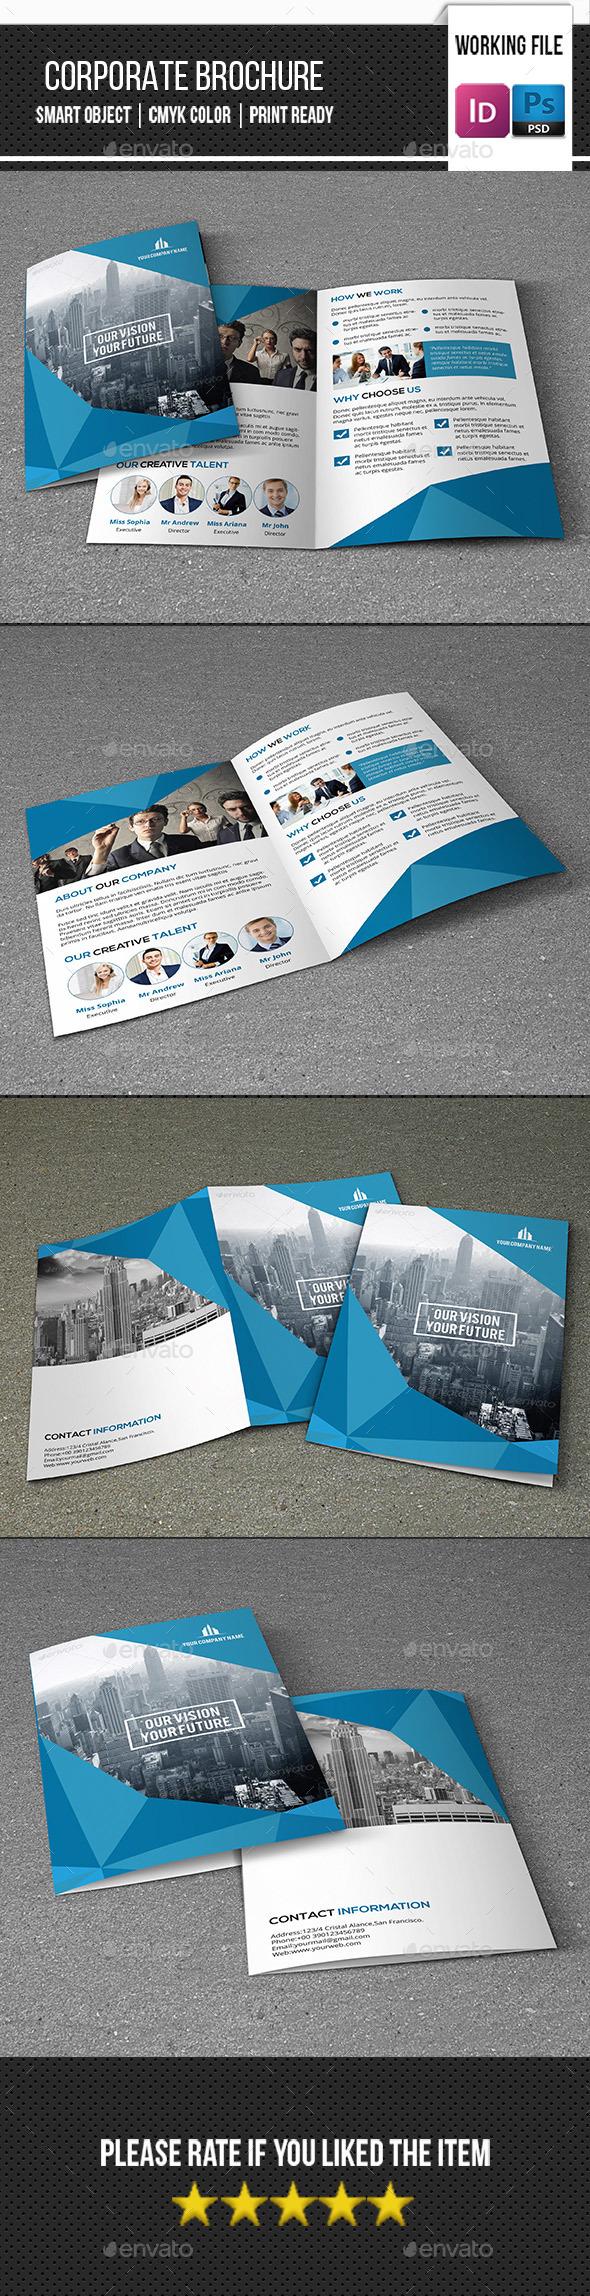 Corporate Bifold Brochure-V353 - Corporate Brochures